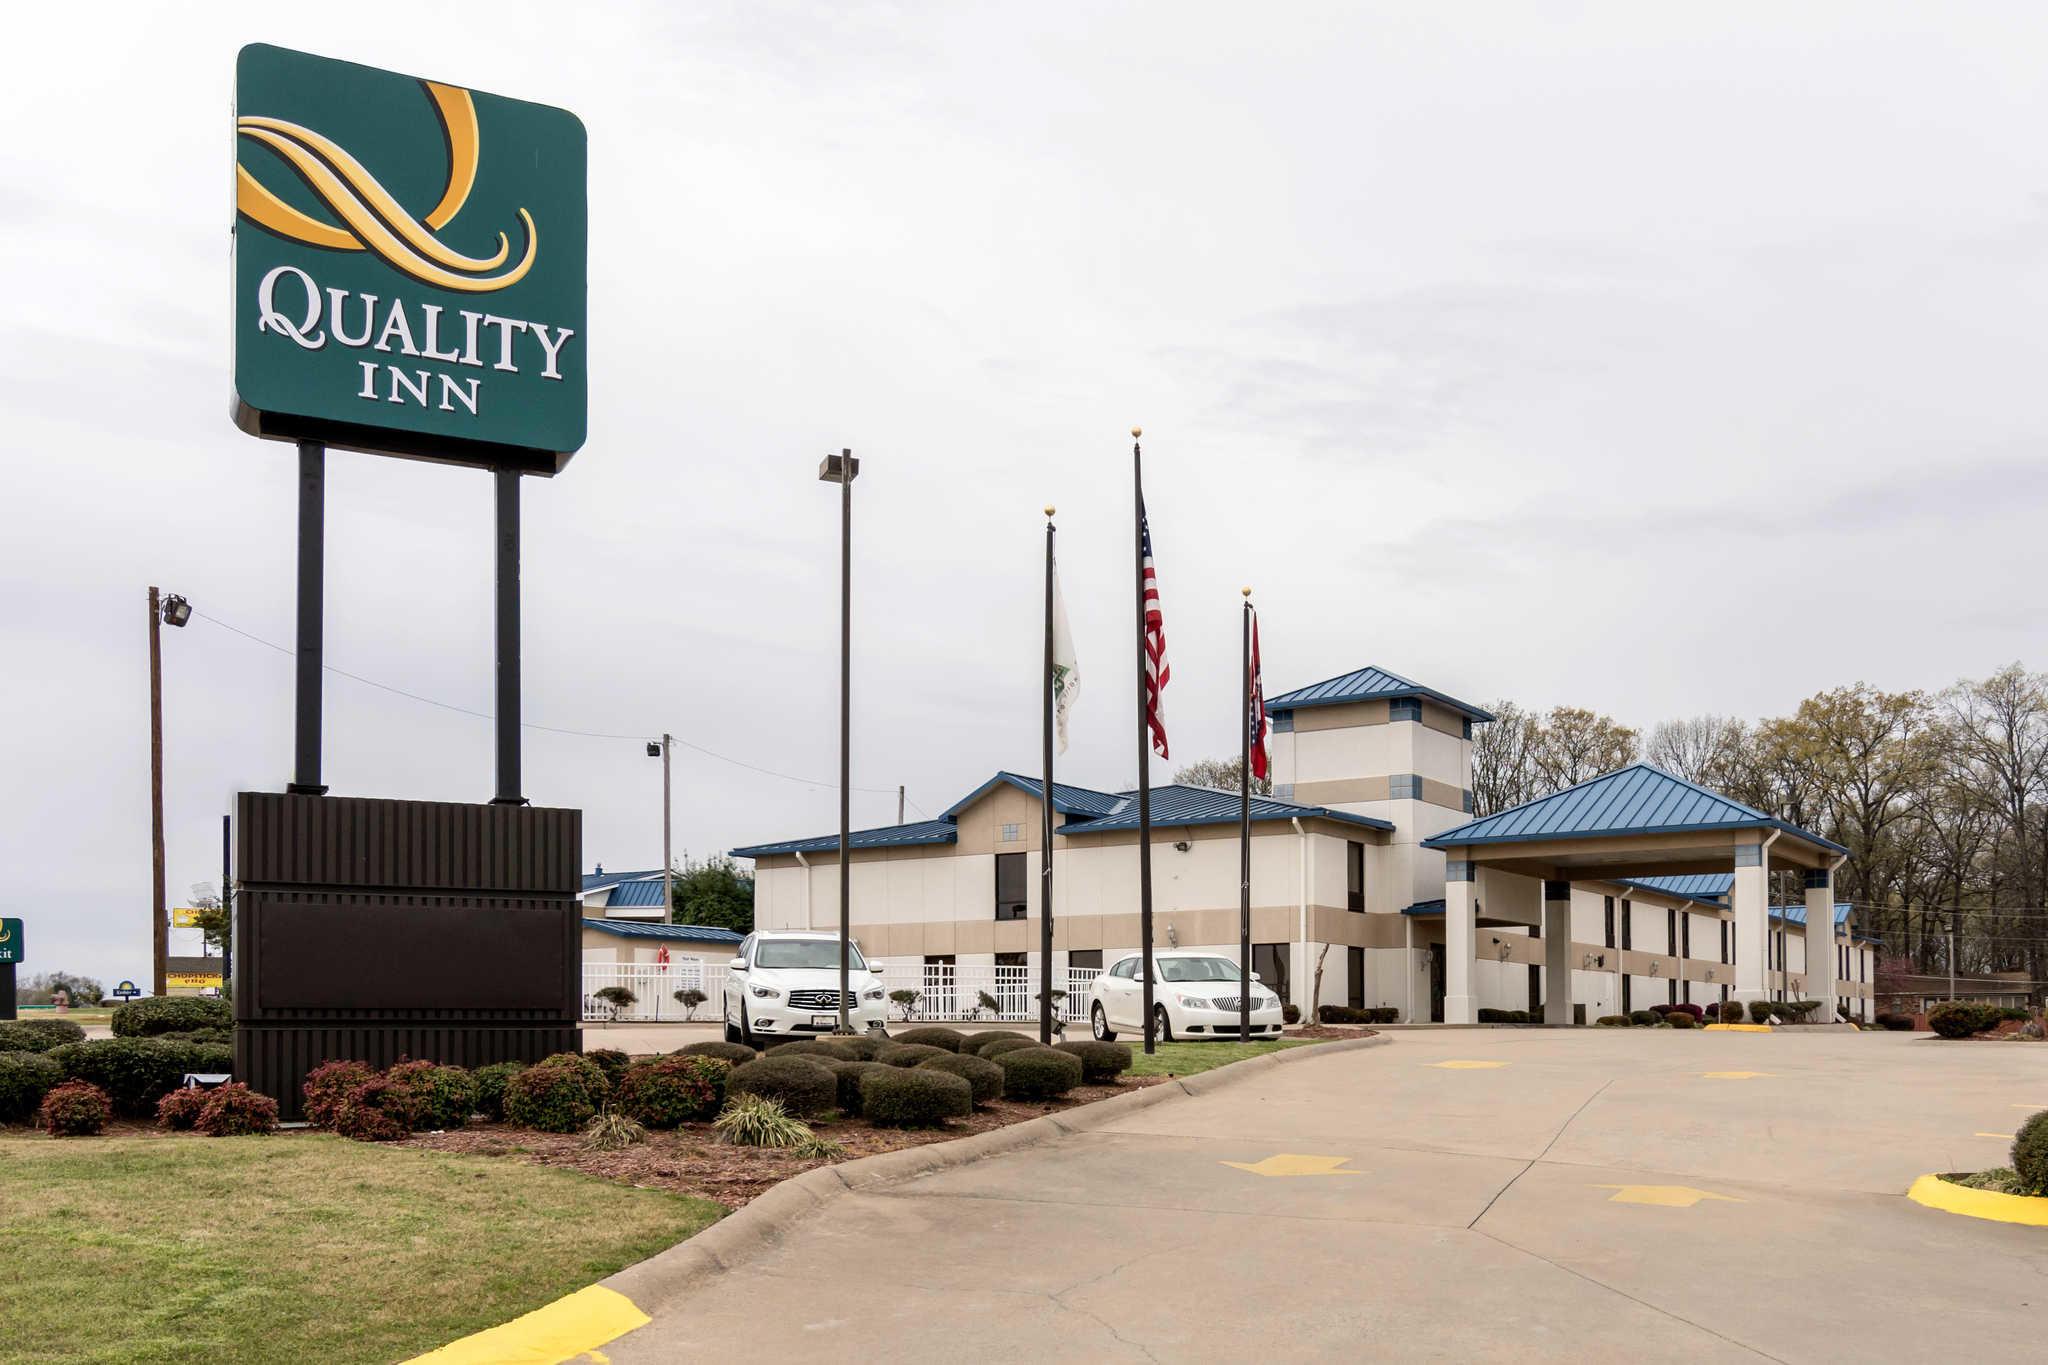 Quality Inn Jacksonville image 28